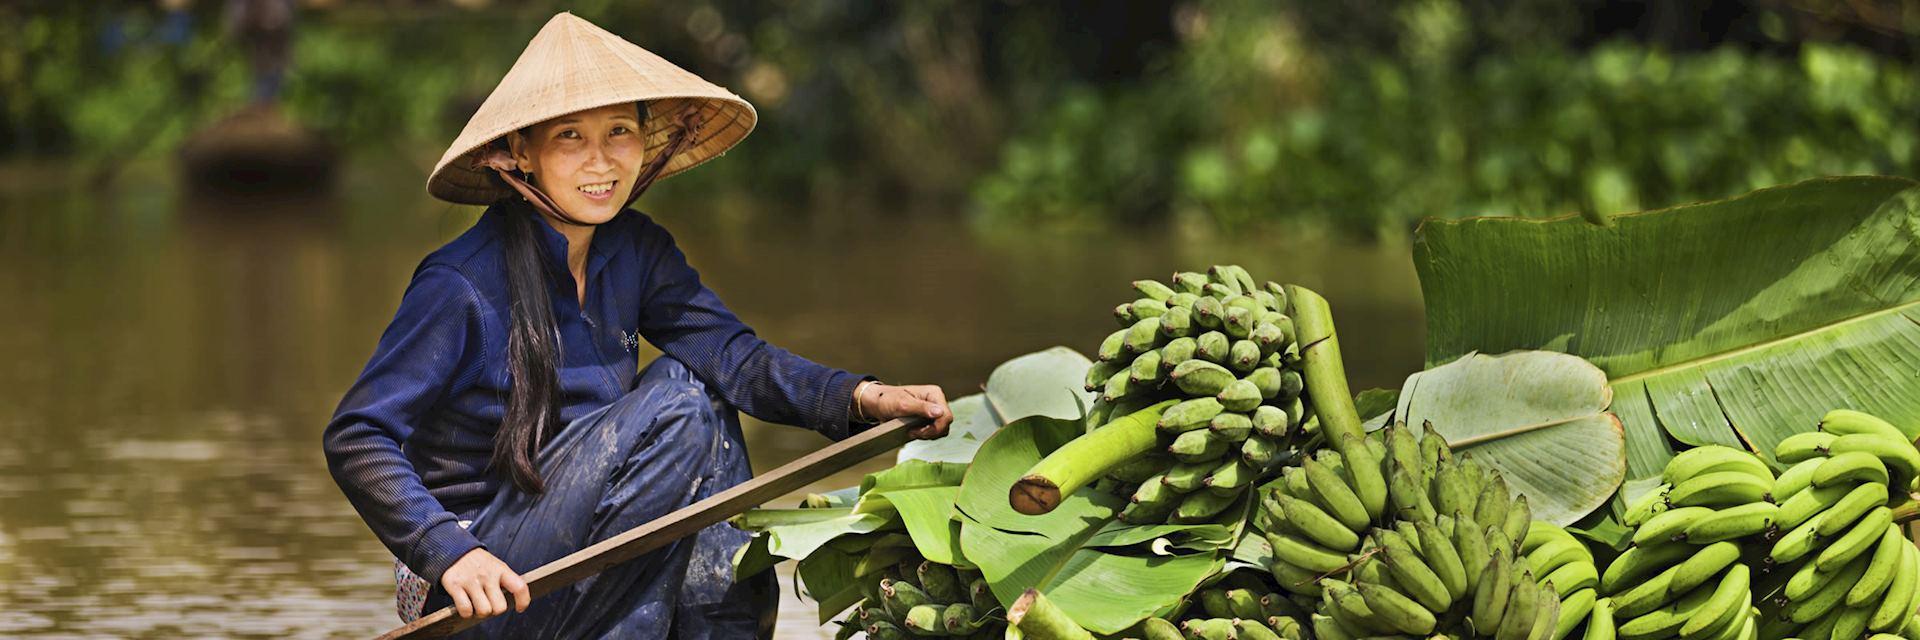 Floating market on the Mekong Delta